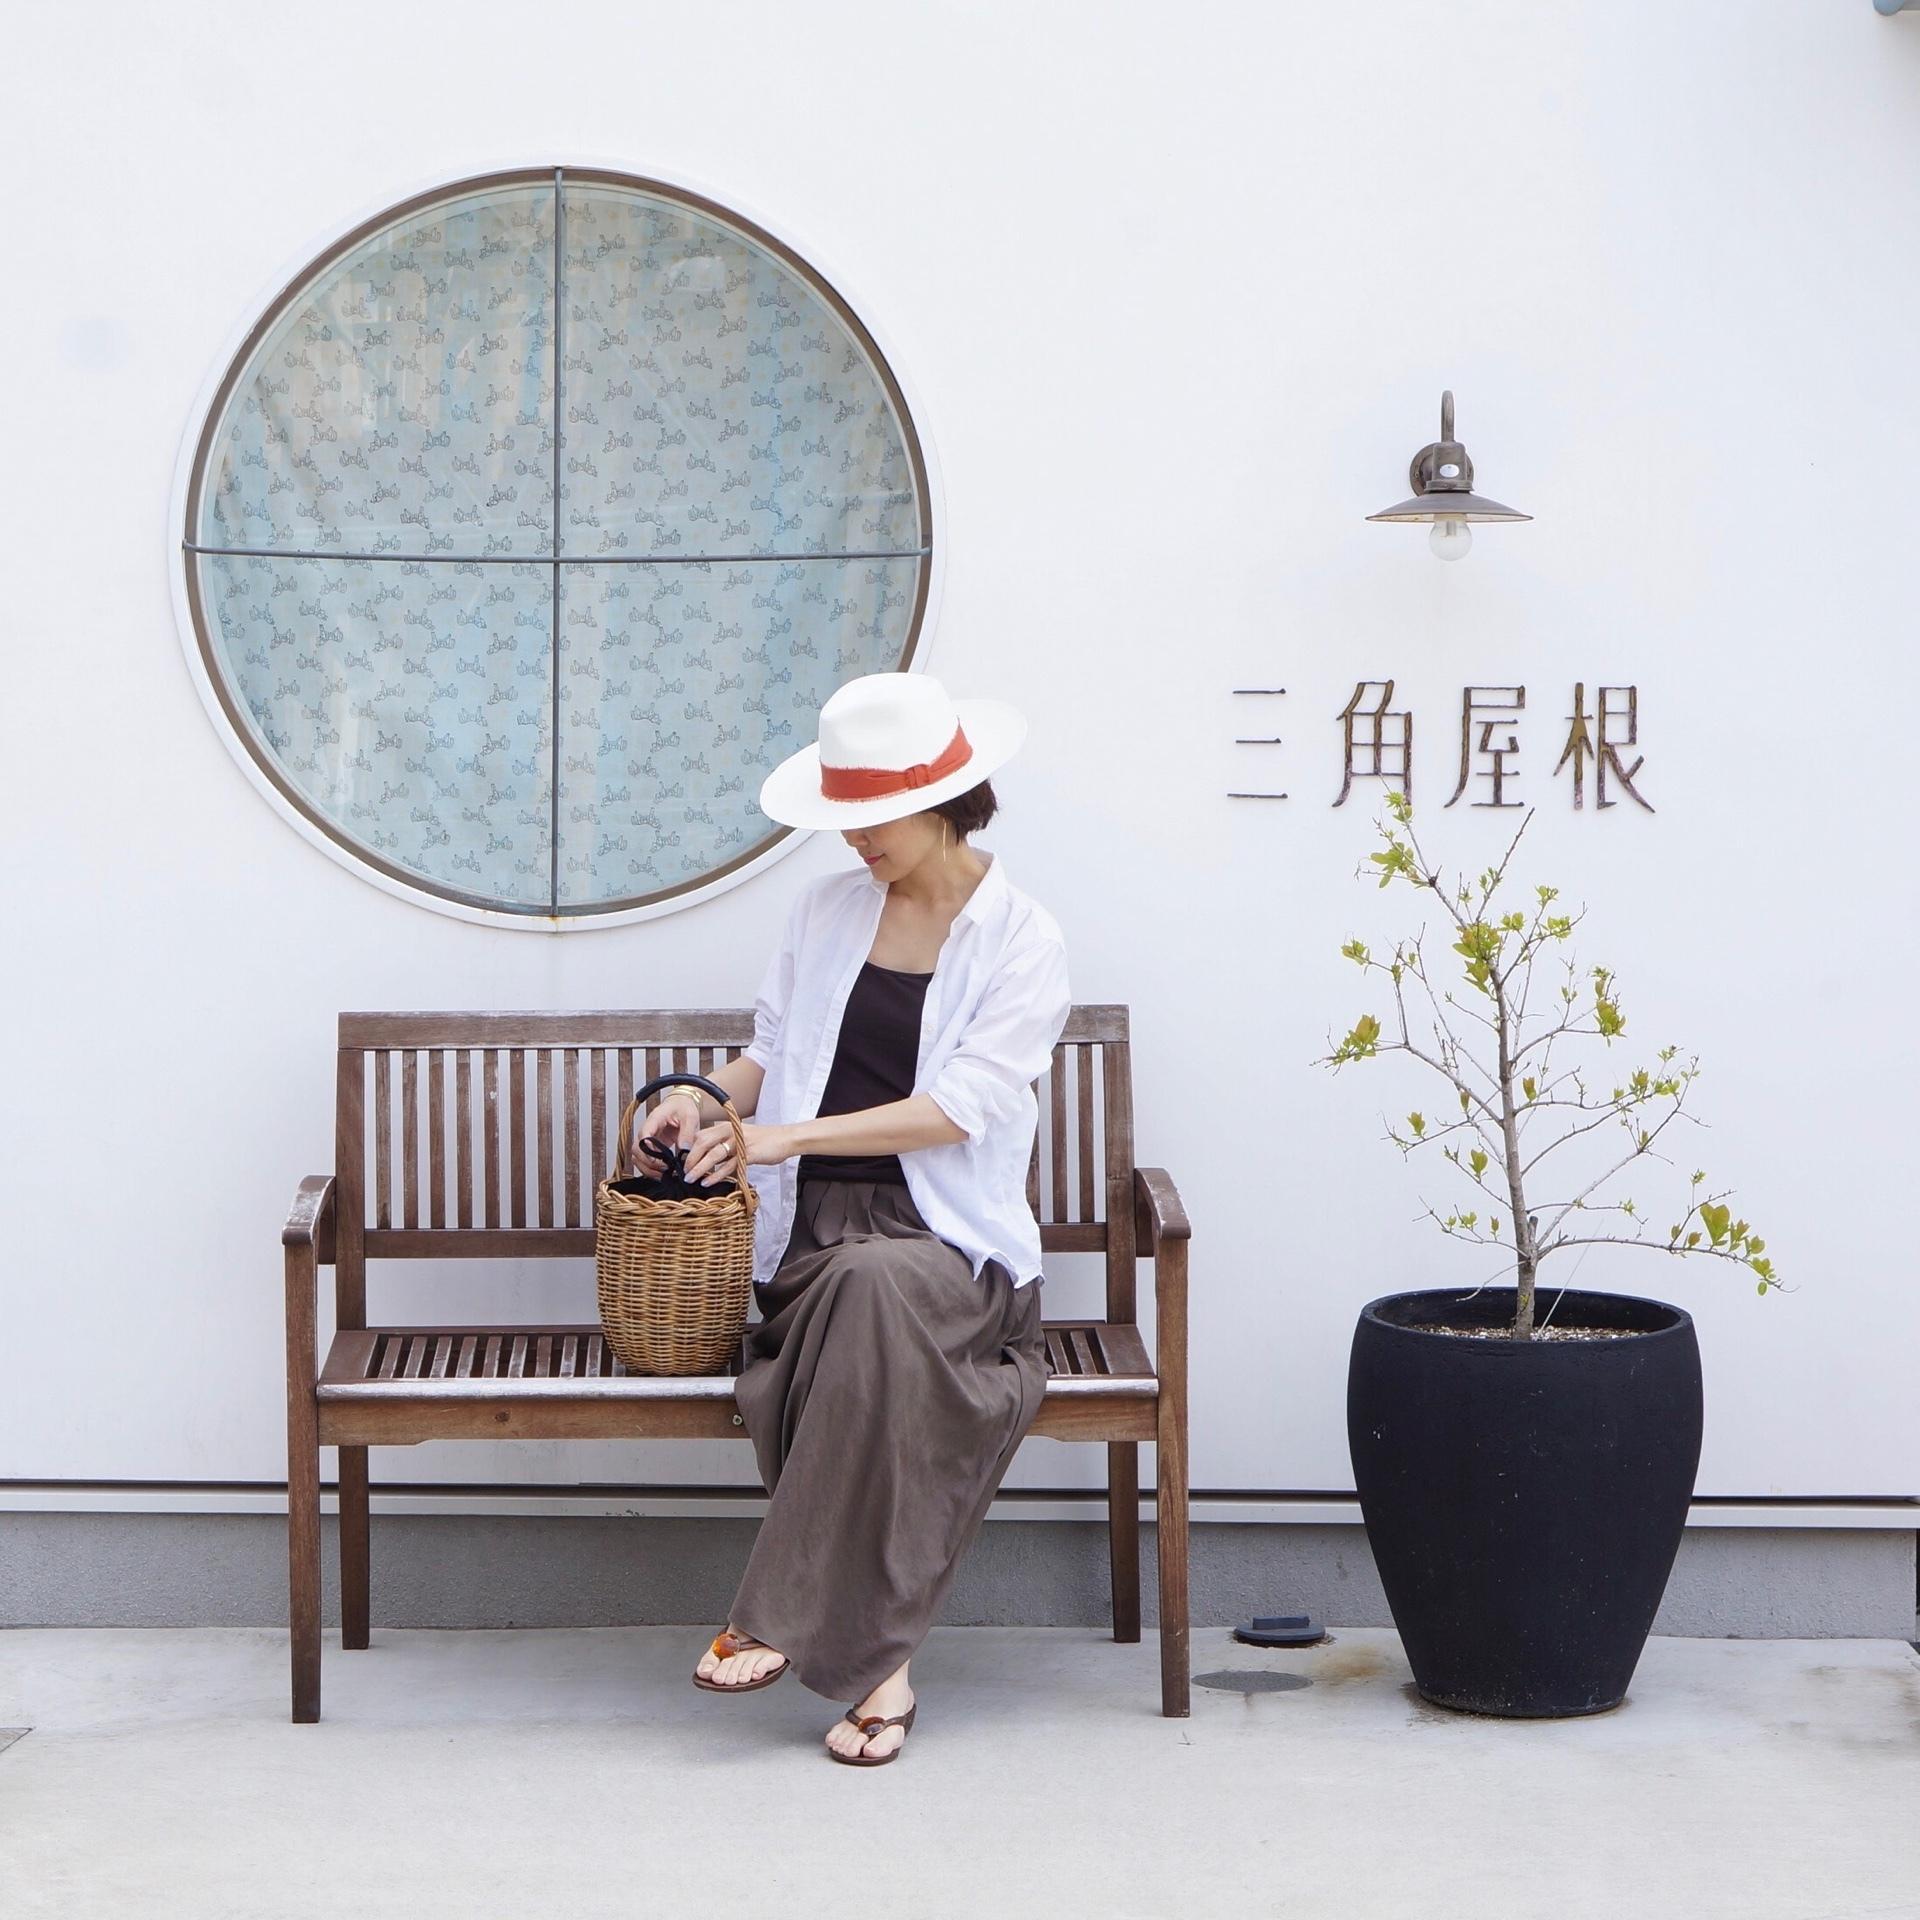 鎌倉、葉山の美味しいパン屋さん_1_1